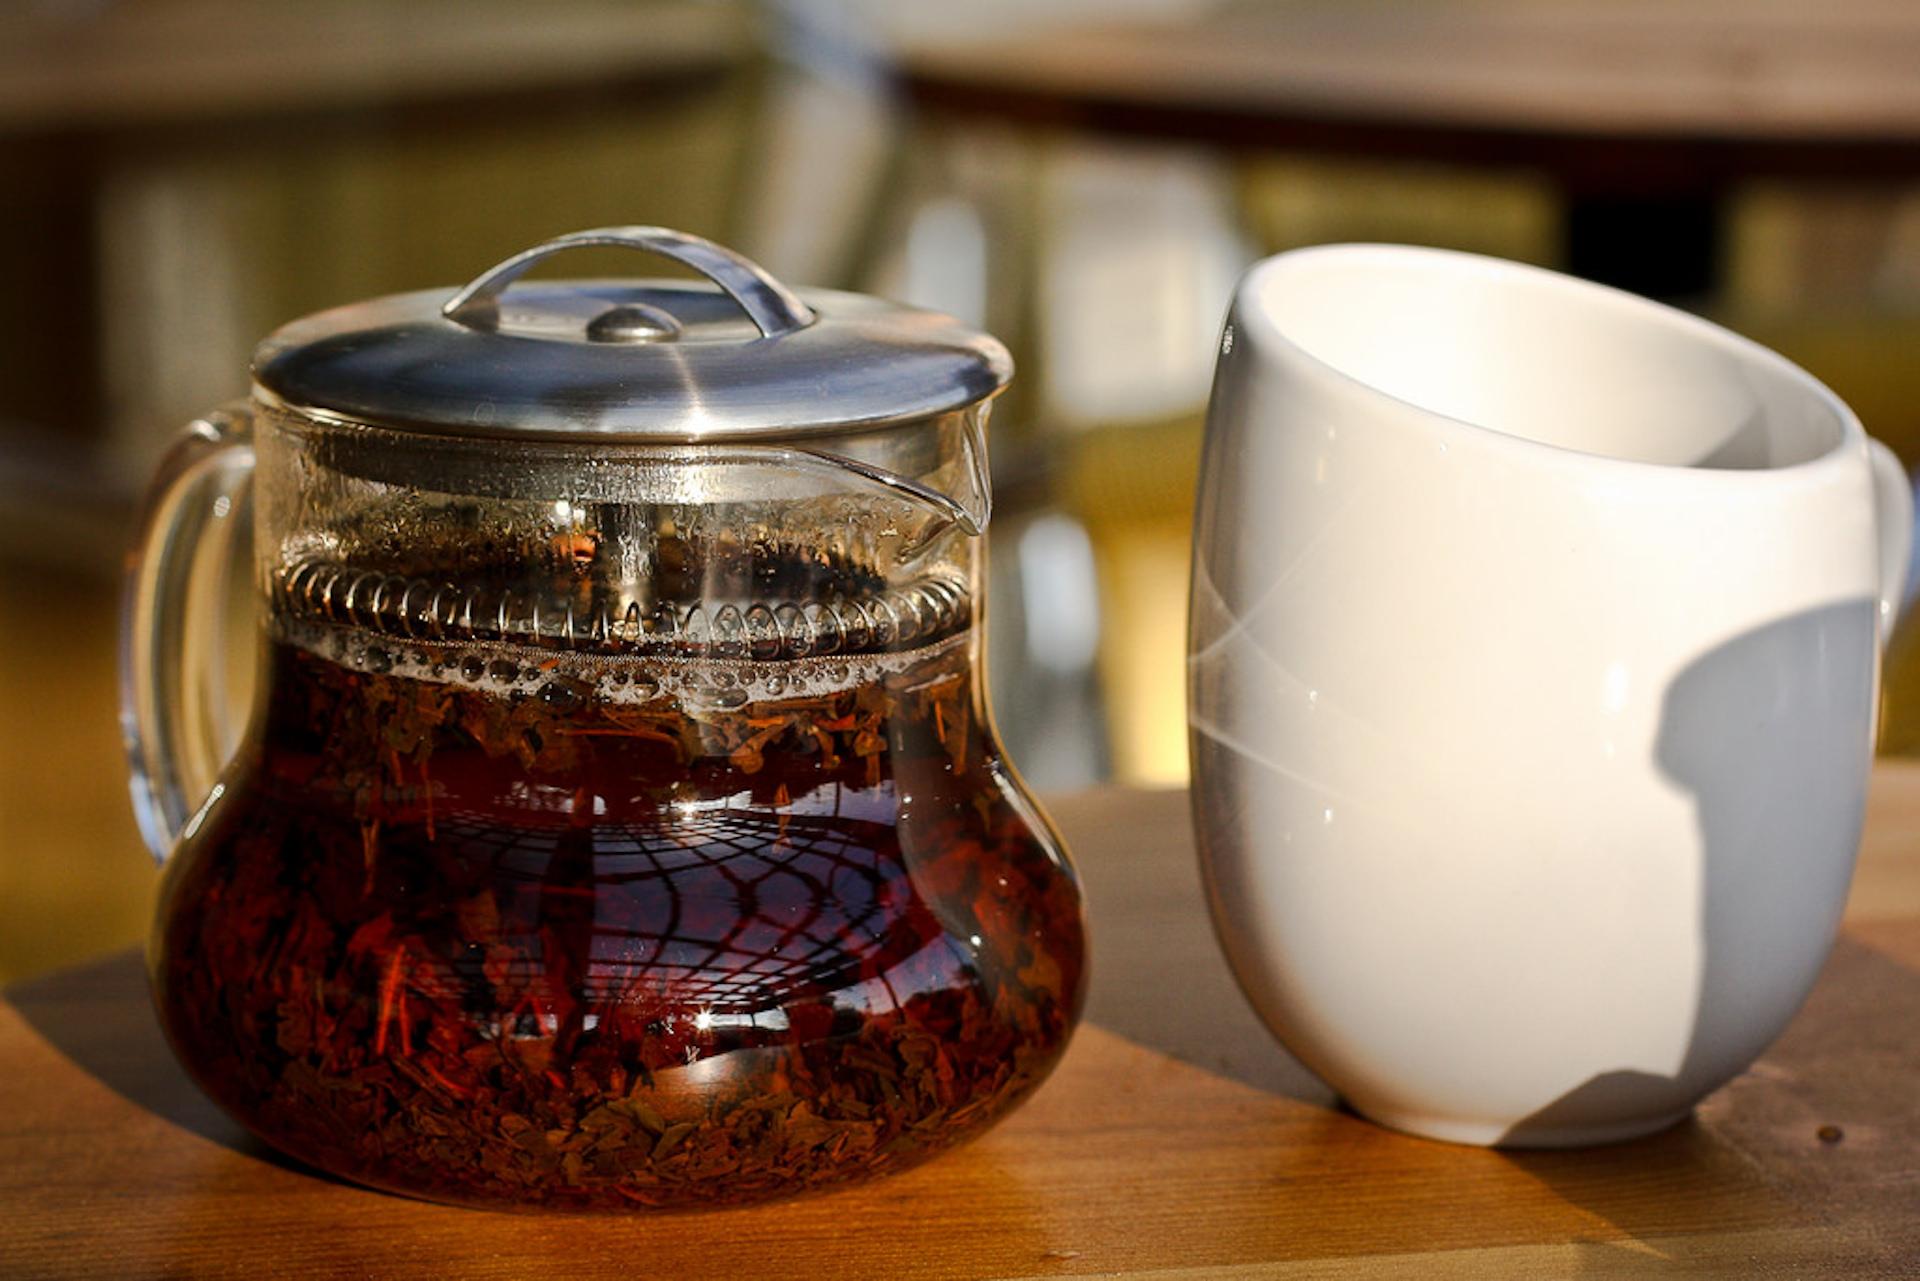 Teaput and teacup